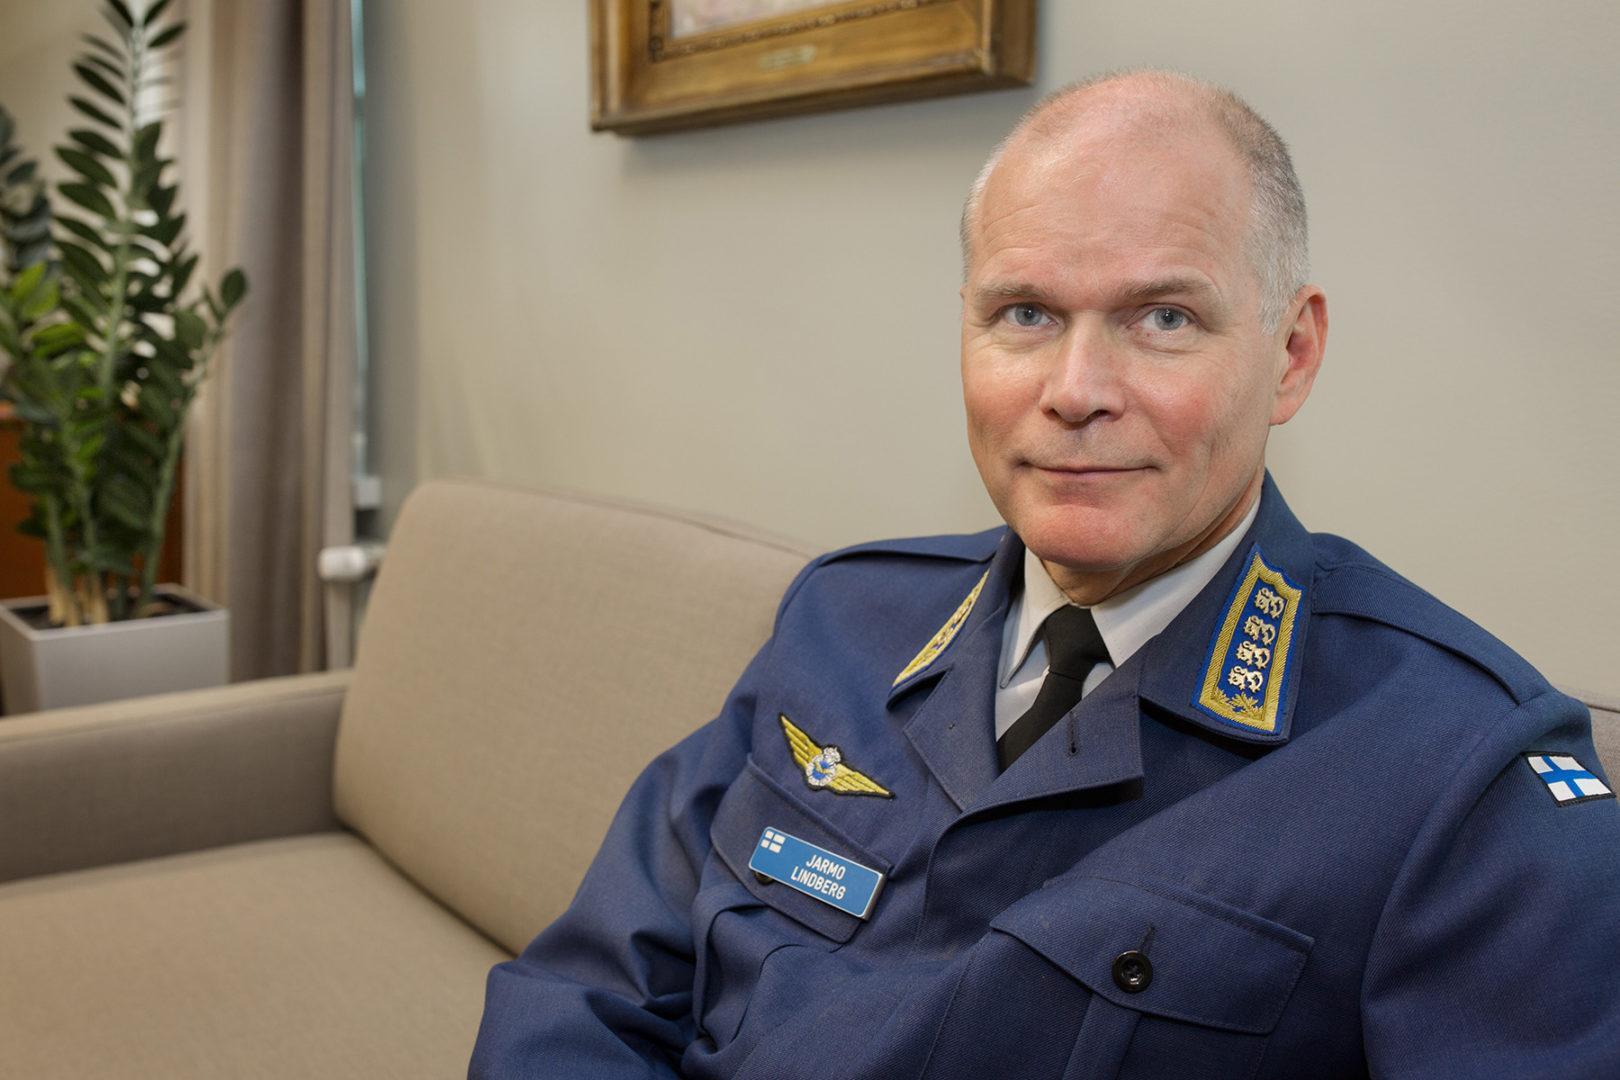 Puolustusvoimain komentaja Jarmo Lindberg. Kuva: Kansallisgalleria / Jenni Nurminen